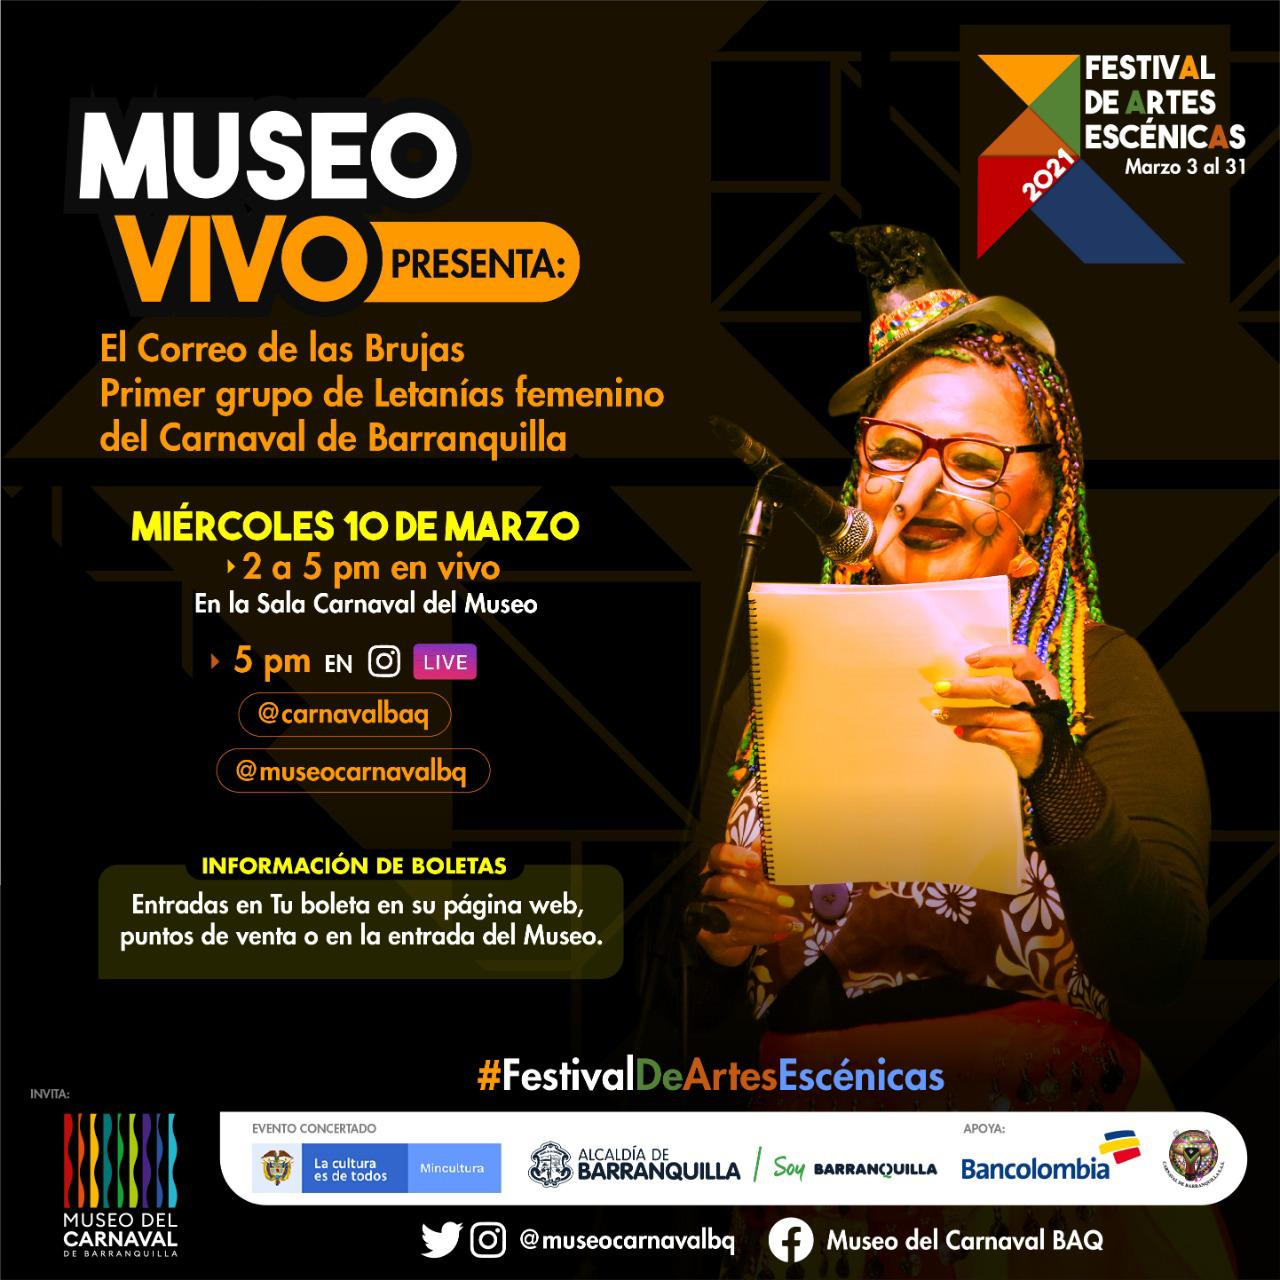 Continúa el Festival de Artes Escénicas con Museo en Vivo, Nocturno y Kids – @Carnaval_SA